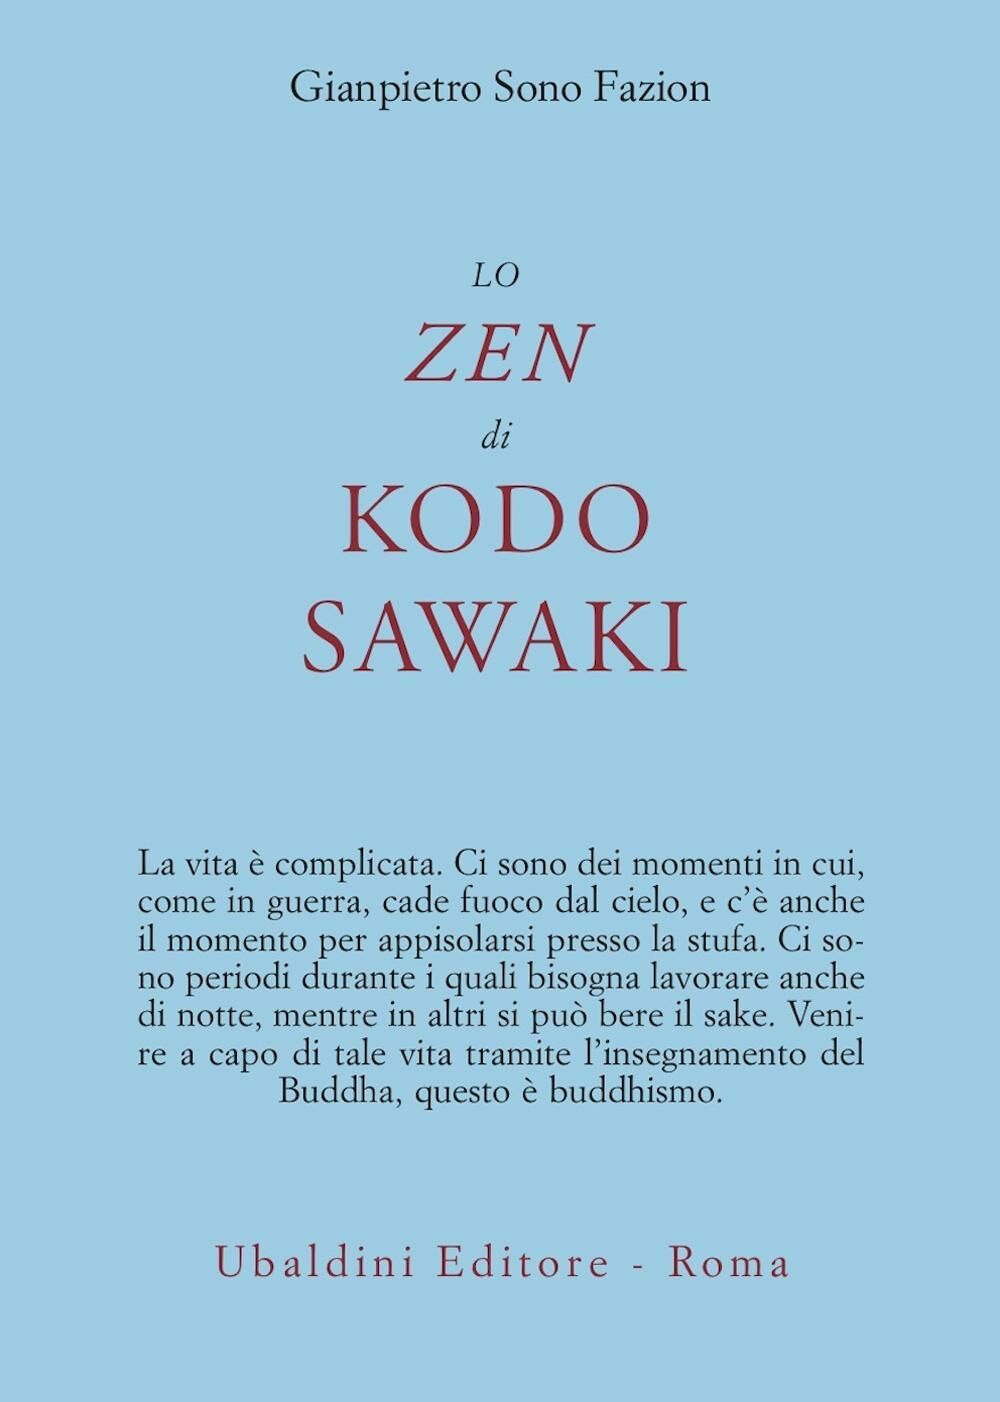 Lo zen di Kodo Sawaki